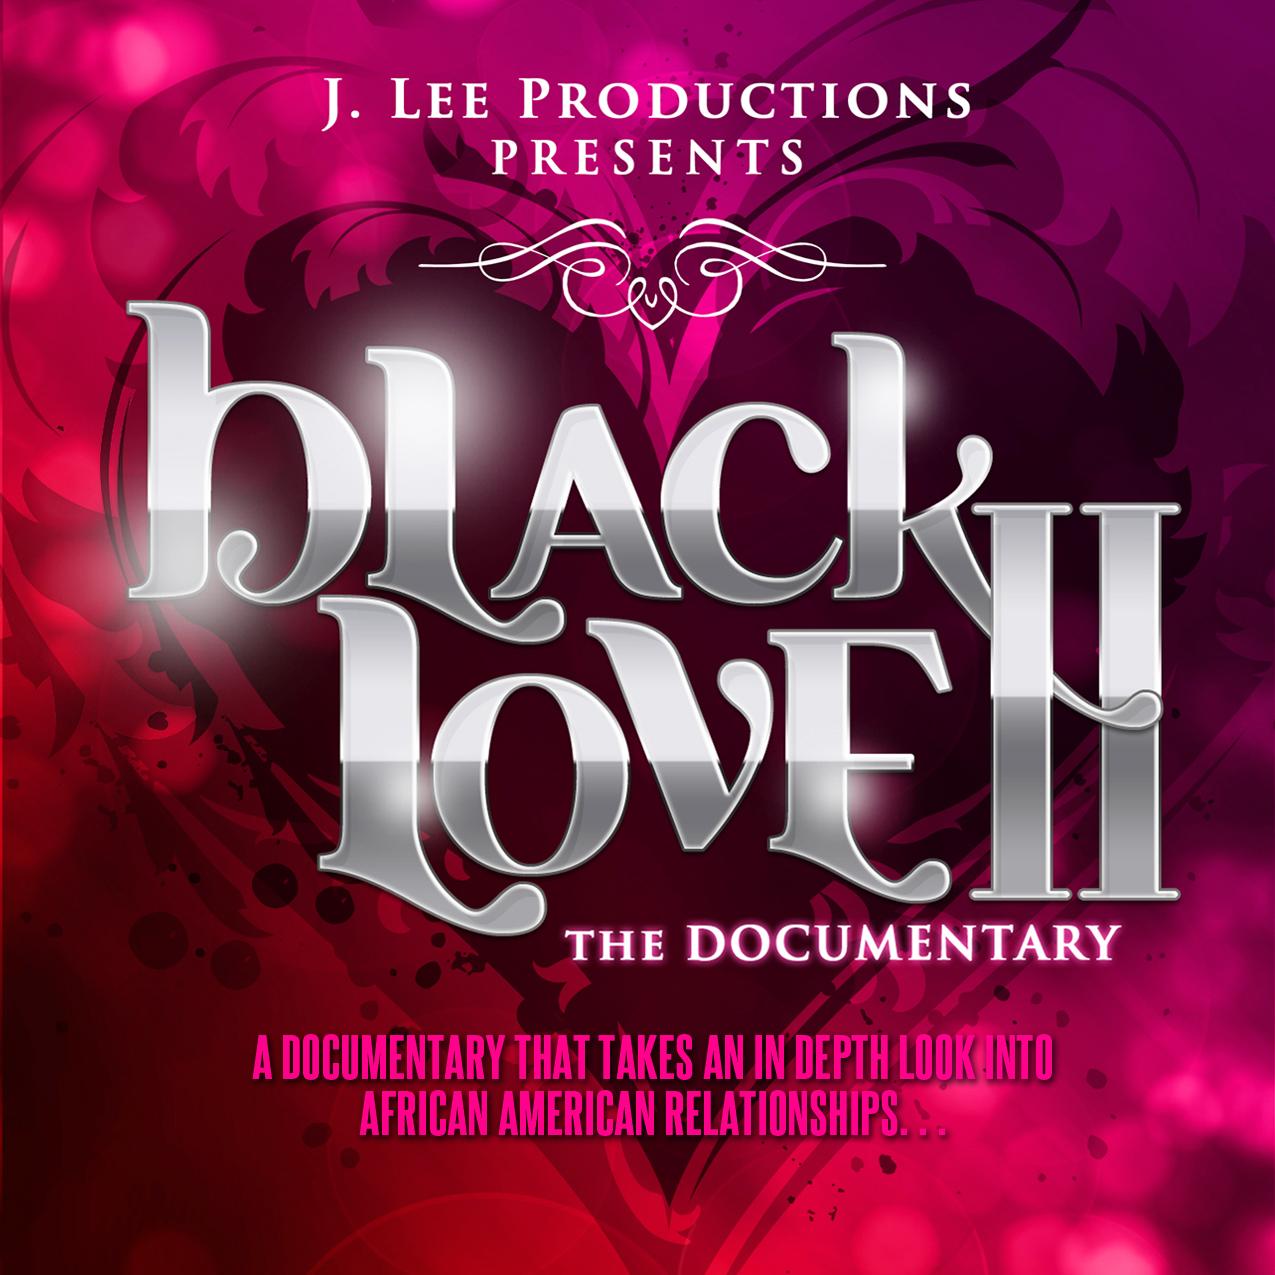 BLACK LOVE II